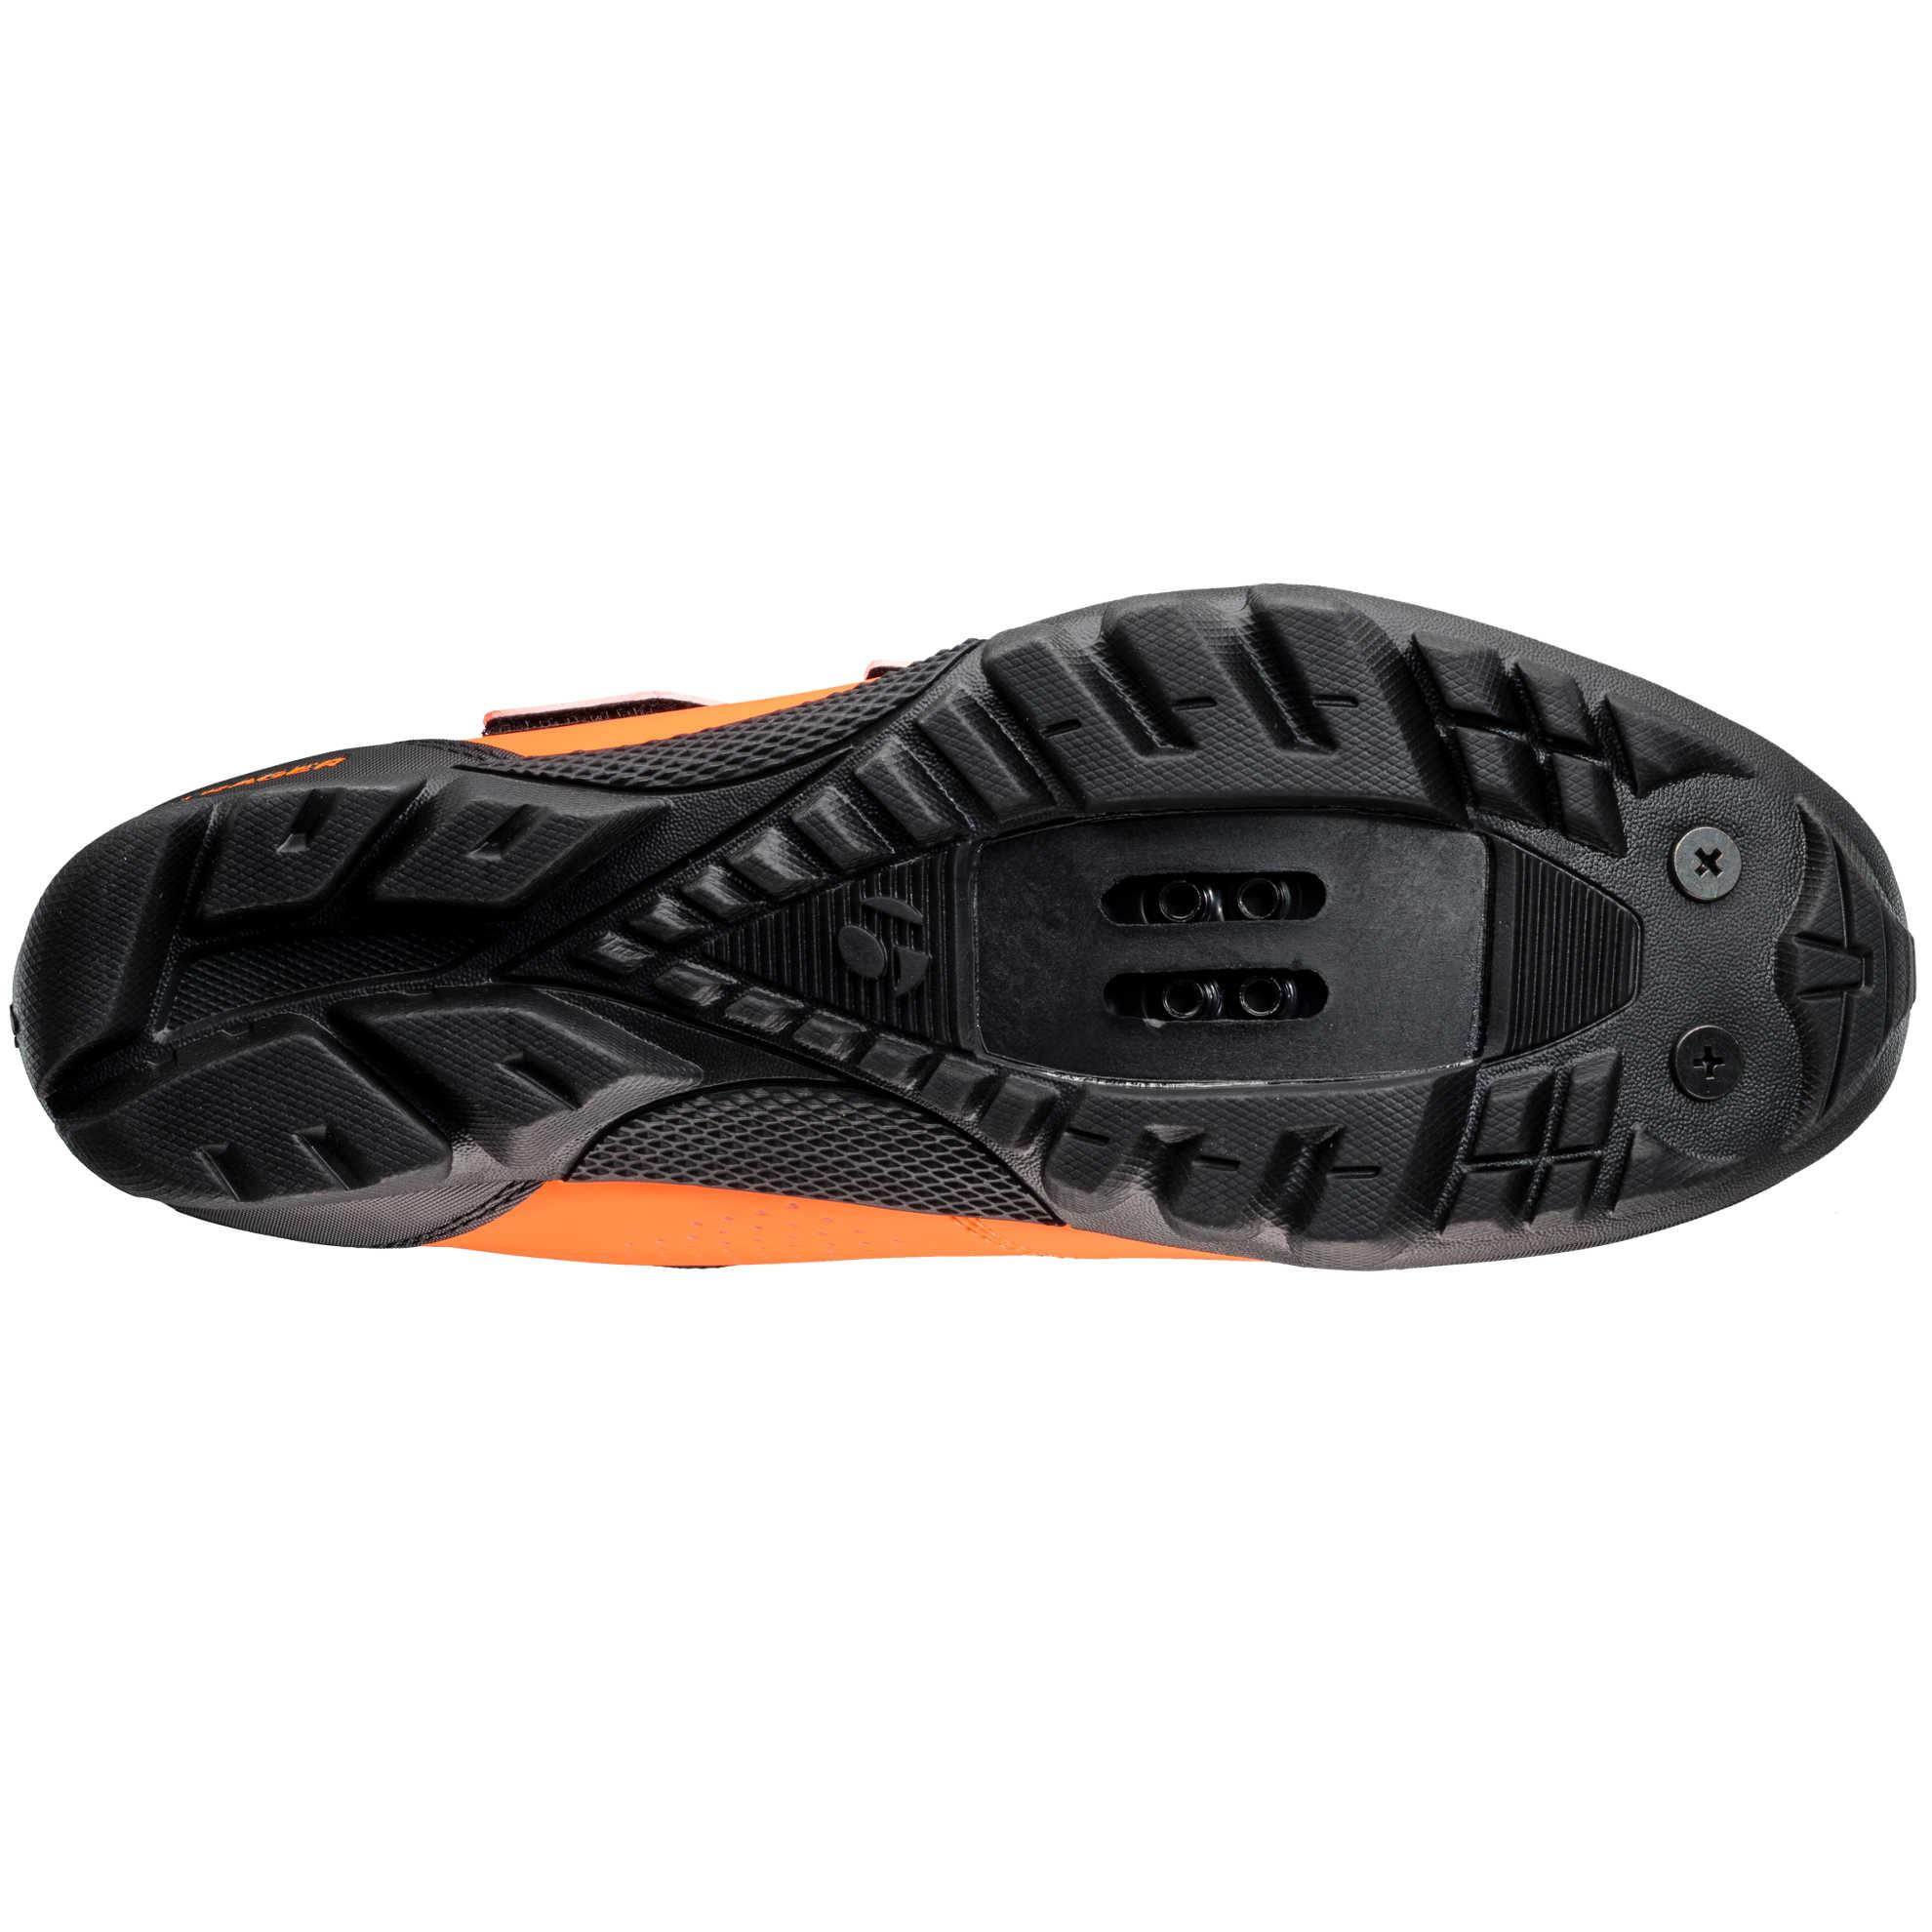 Bontrager Evoke Mountain Shoe Black//Slate 44